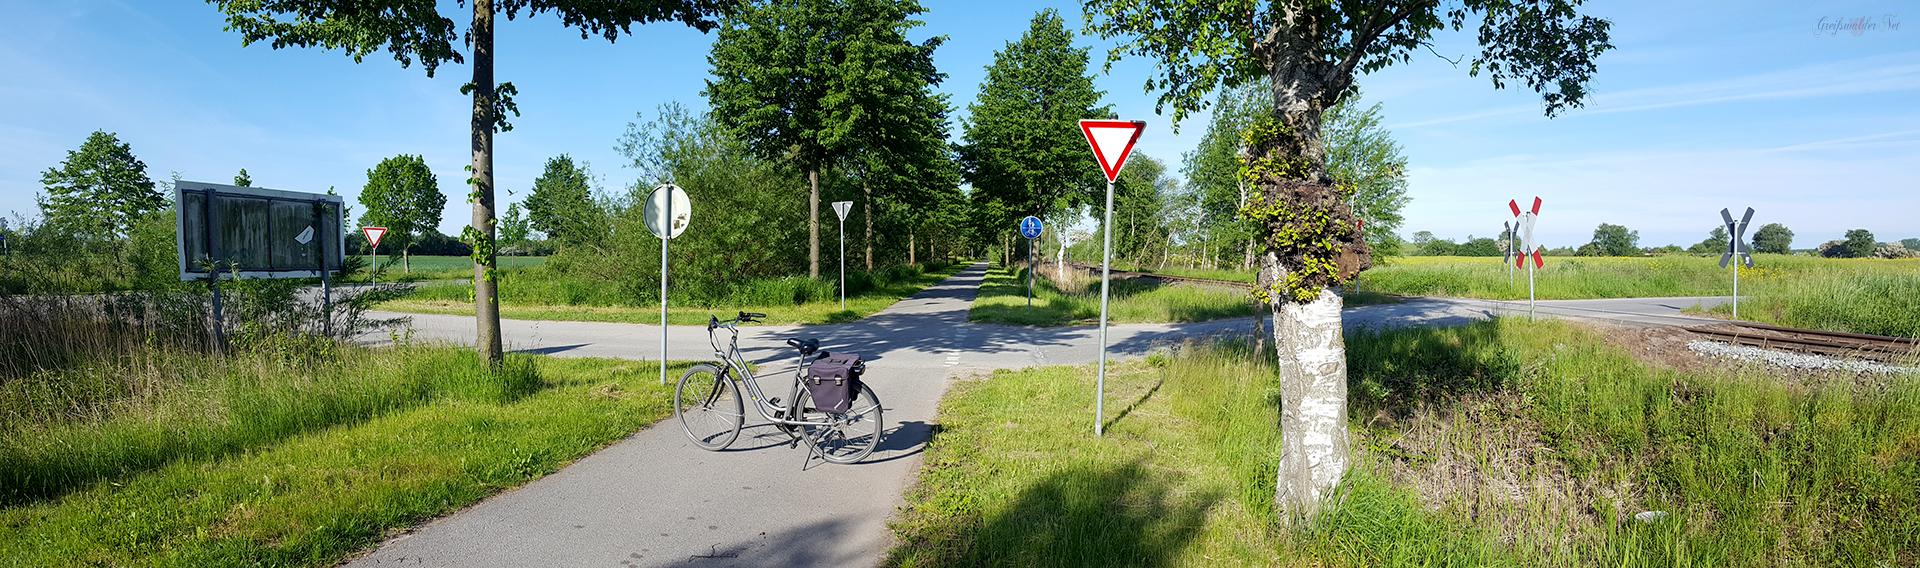 Gleis, Straße, Weg